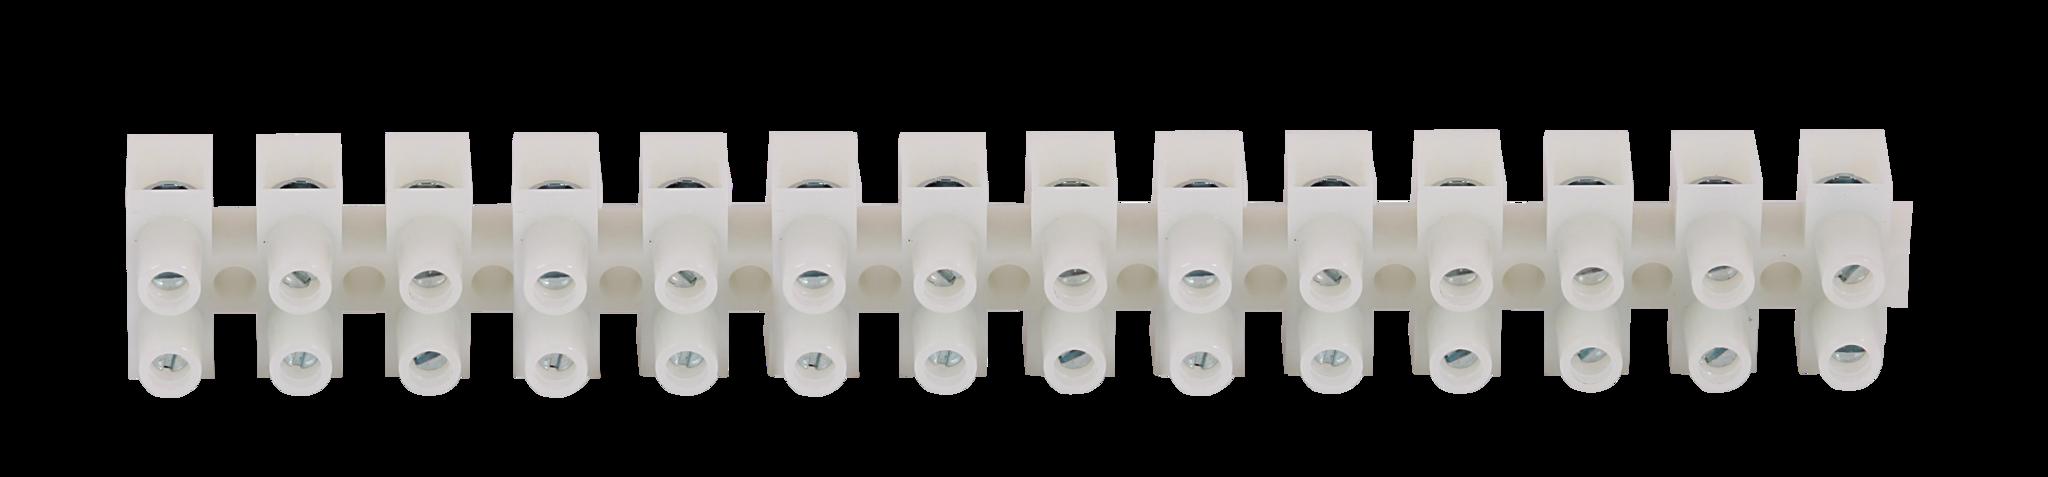 Для парогенераторов: Клеммная колодка SAWO STP-TB12 (12-полюсная, 95 мм, белого цвета) для парогенераторов контактор sawo stp cont